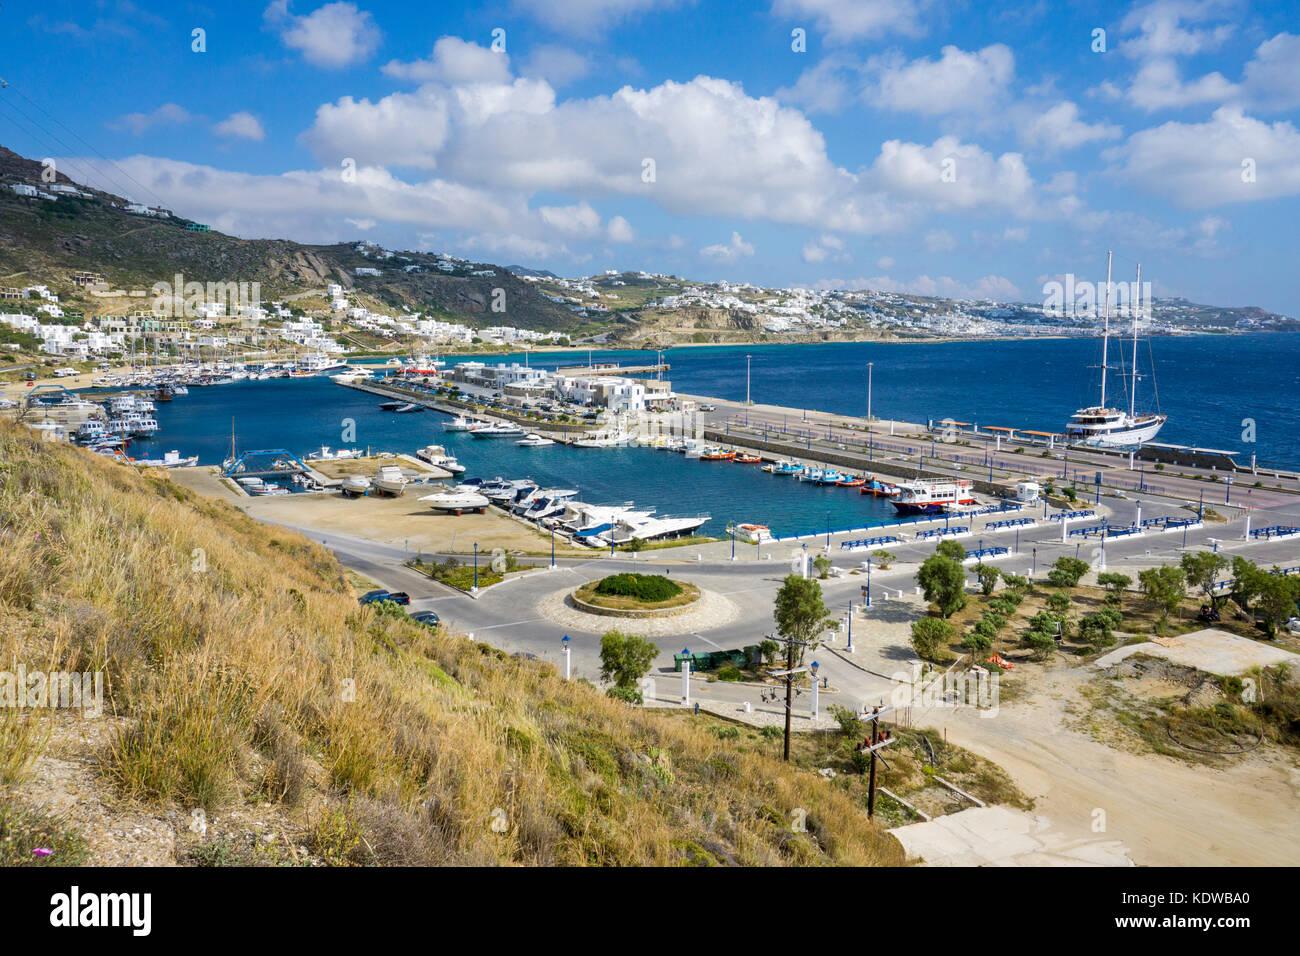 Blick auf den neuen Hafen von Mykonos, Kykladen, Aegaeis, Griechenland, Mittelmeer, Europa   View over the new harbour - Stock Image